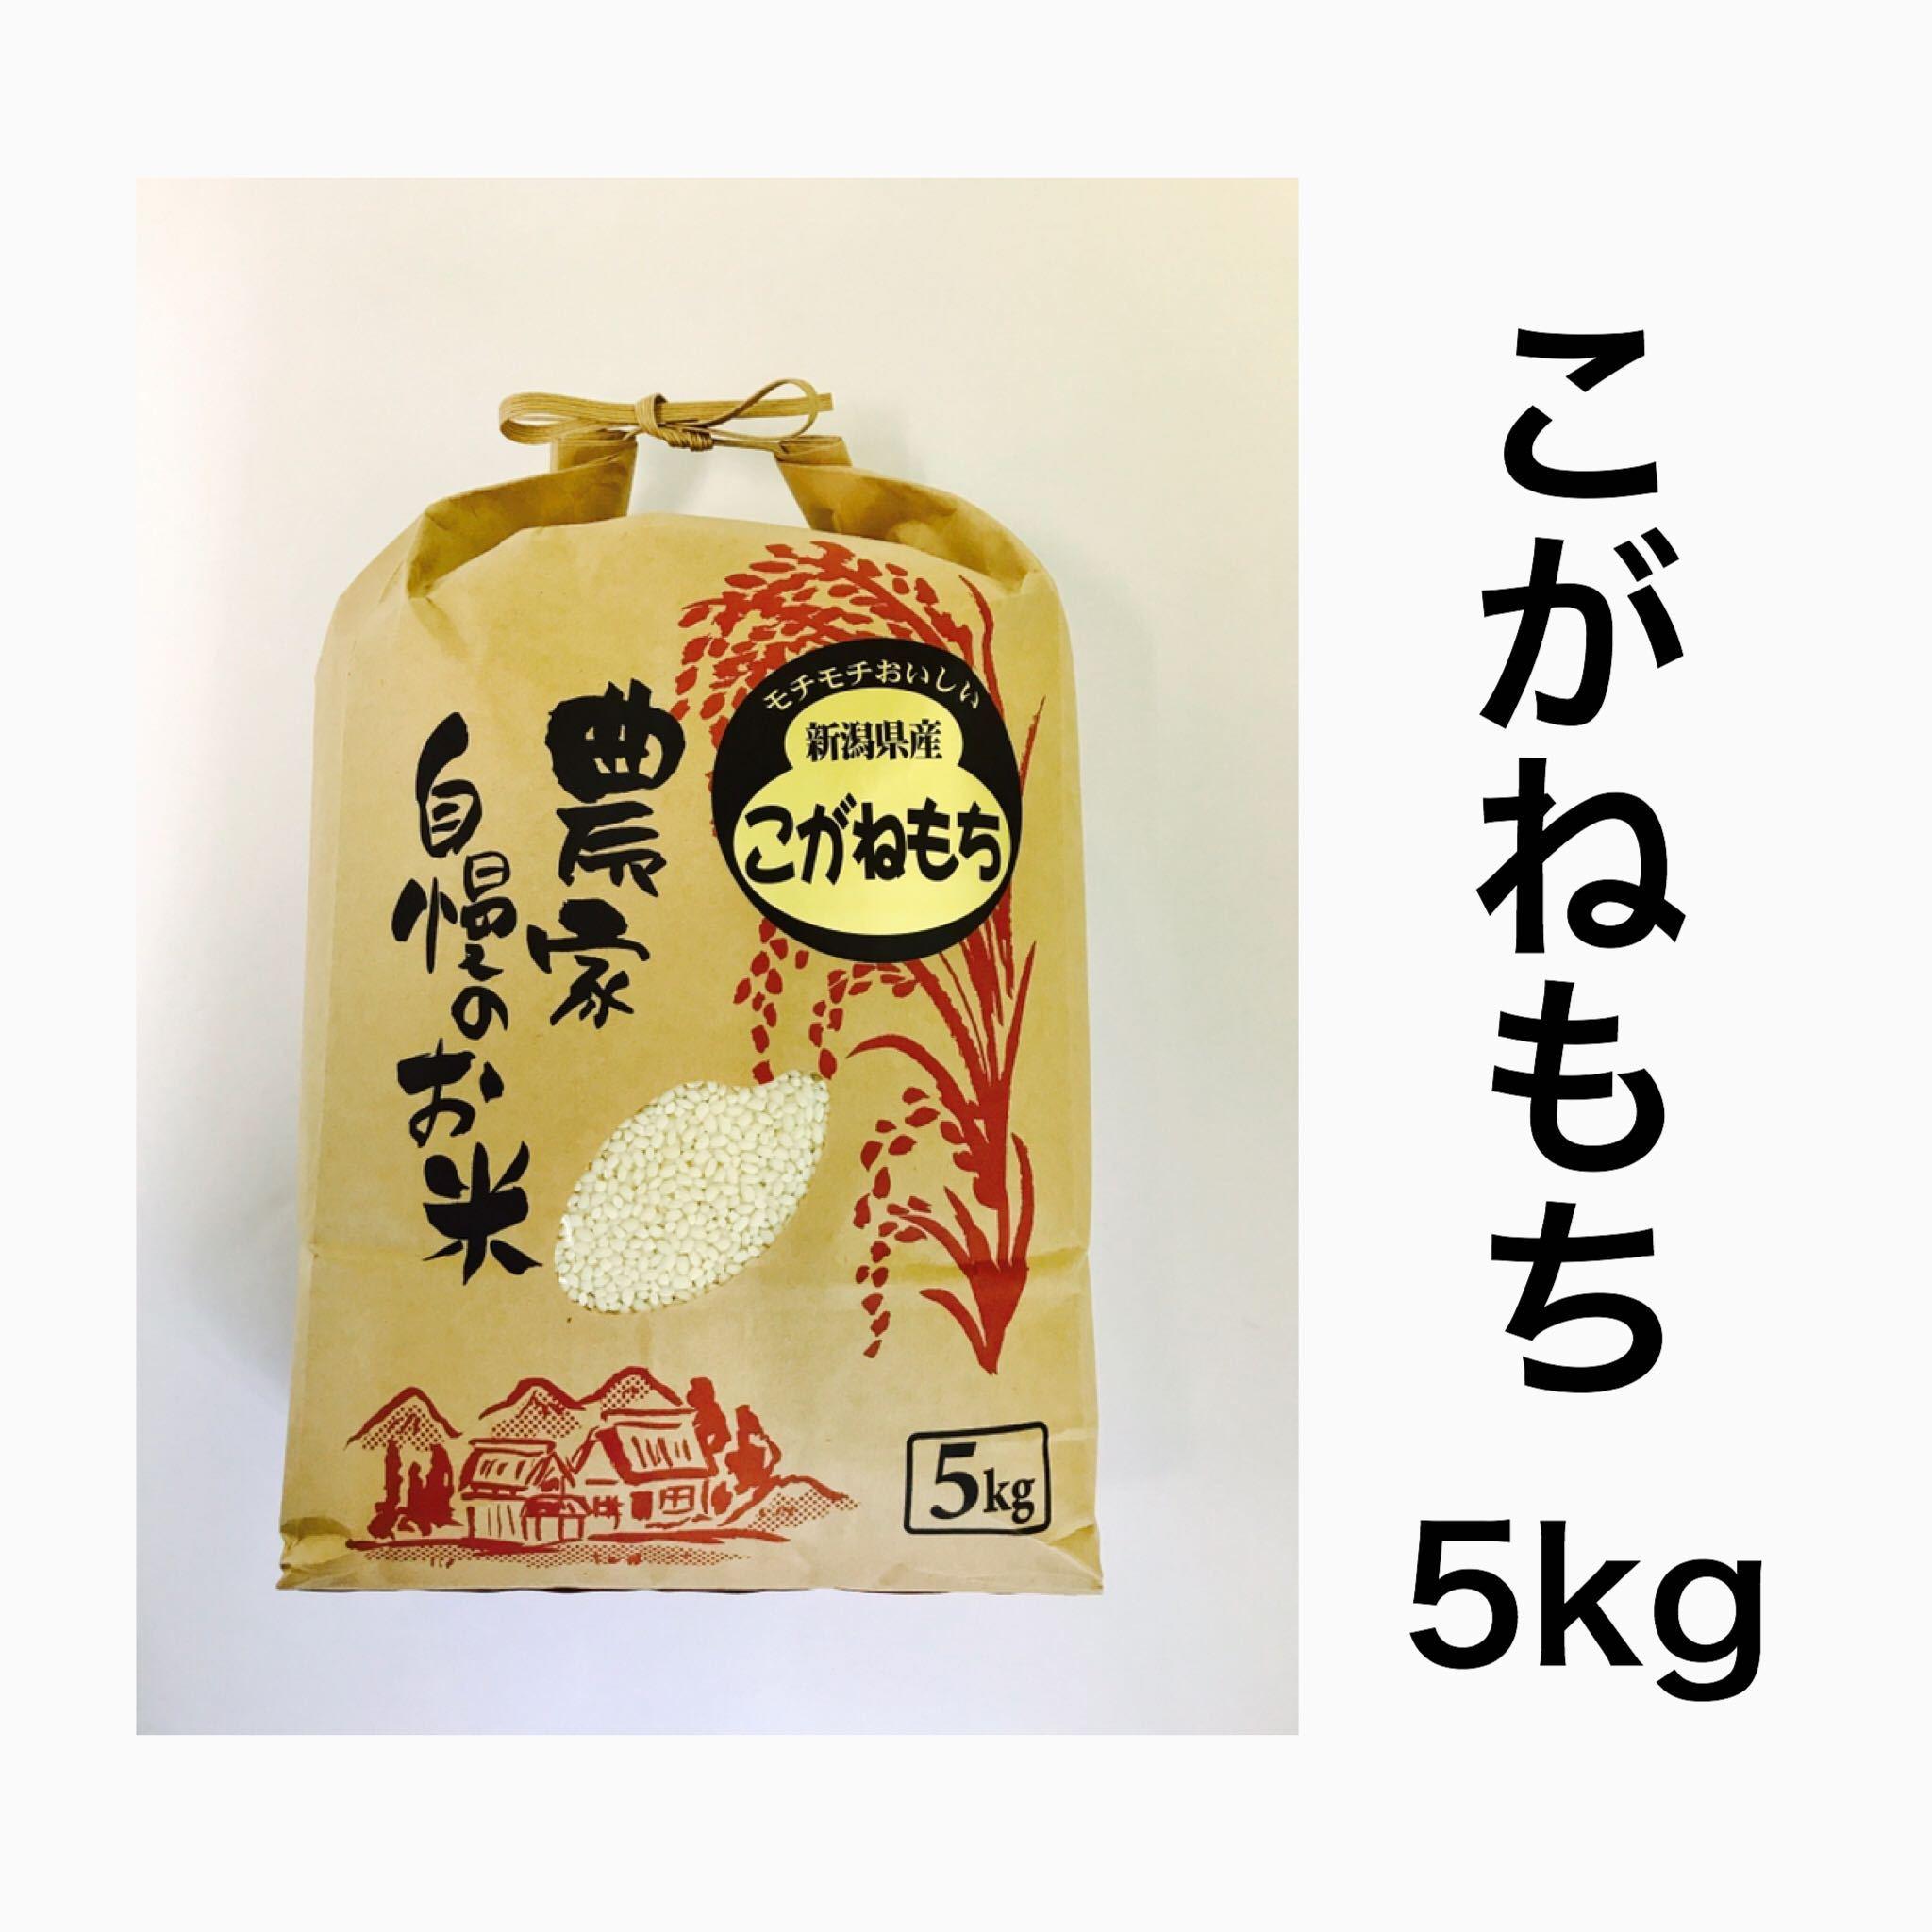 矢代産こがねもち【白米】5kg